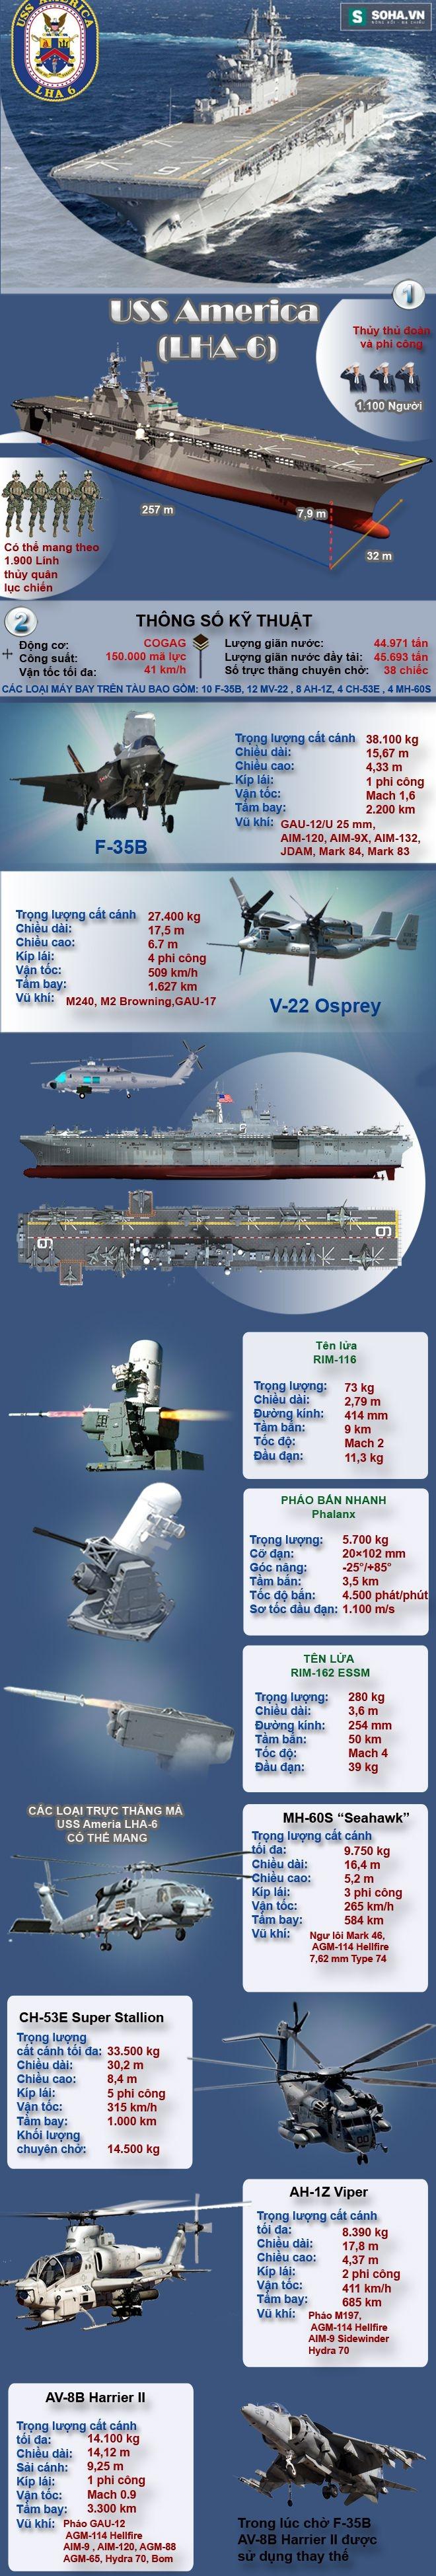 Siêu tàu đổ bộ tấn công Mỹ khiến Nga chỉ biết ngước nhìn - Ảnh 1.